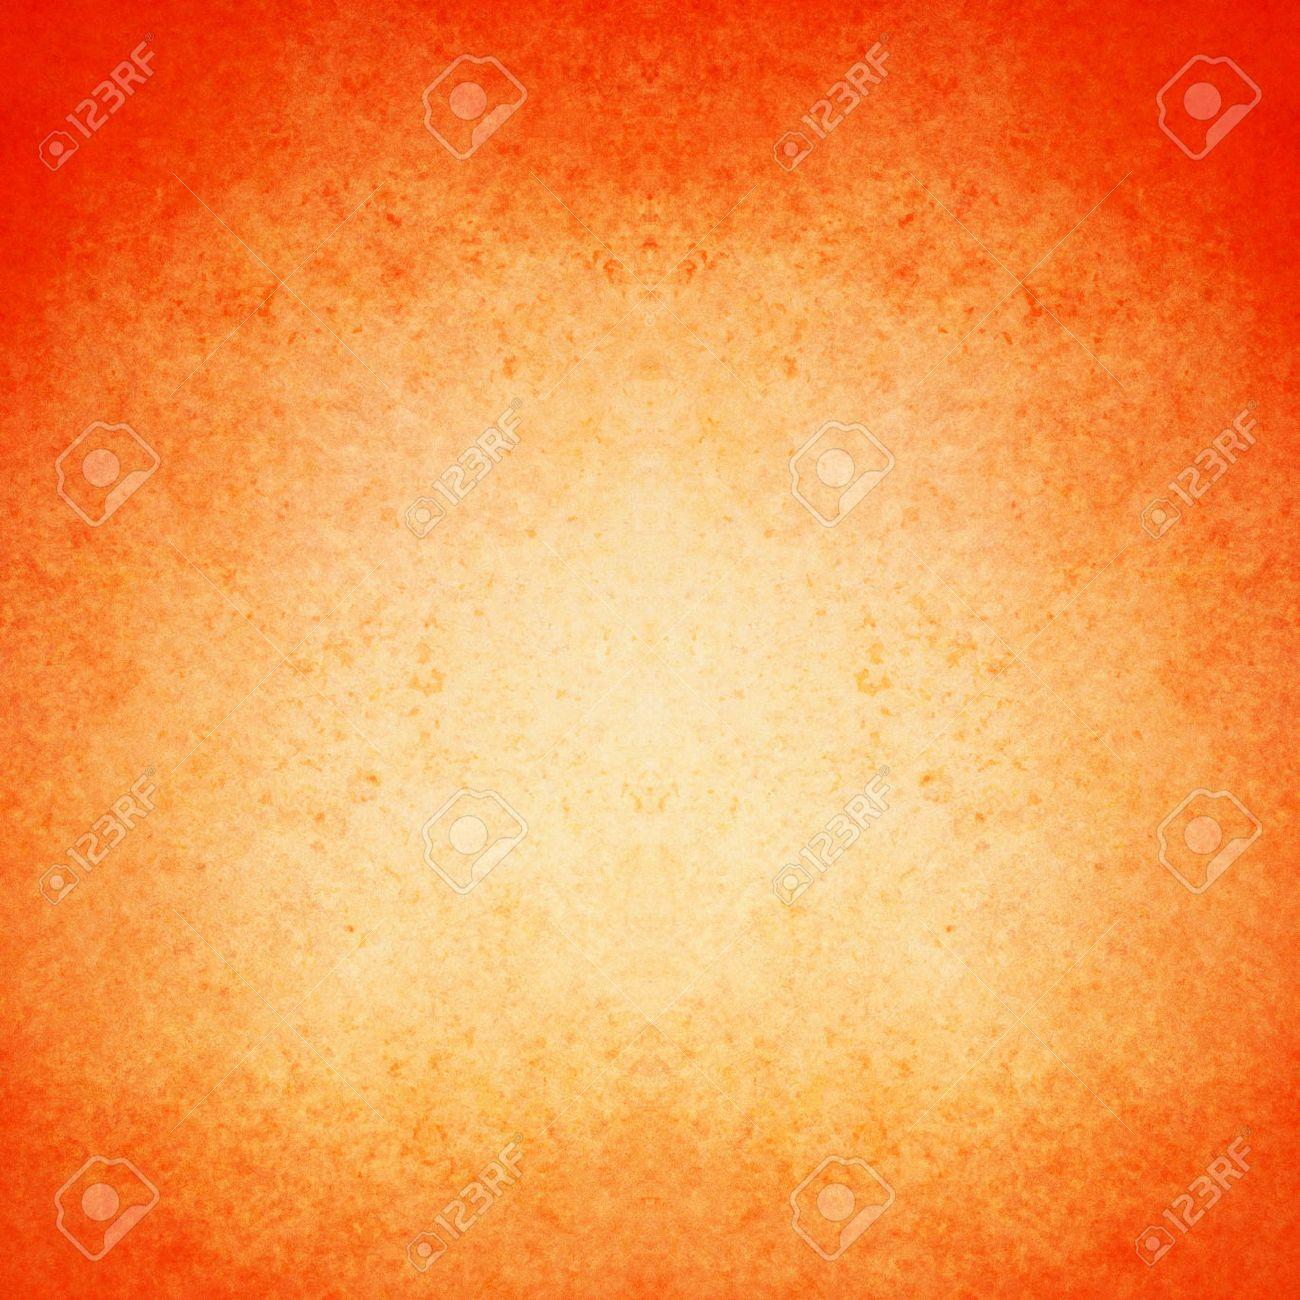 Abstrakte Orange Hintergrund Warme Farbe Weiß Zentrum Dunklen Rahmen